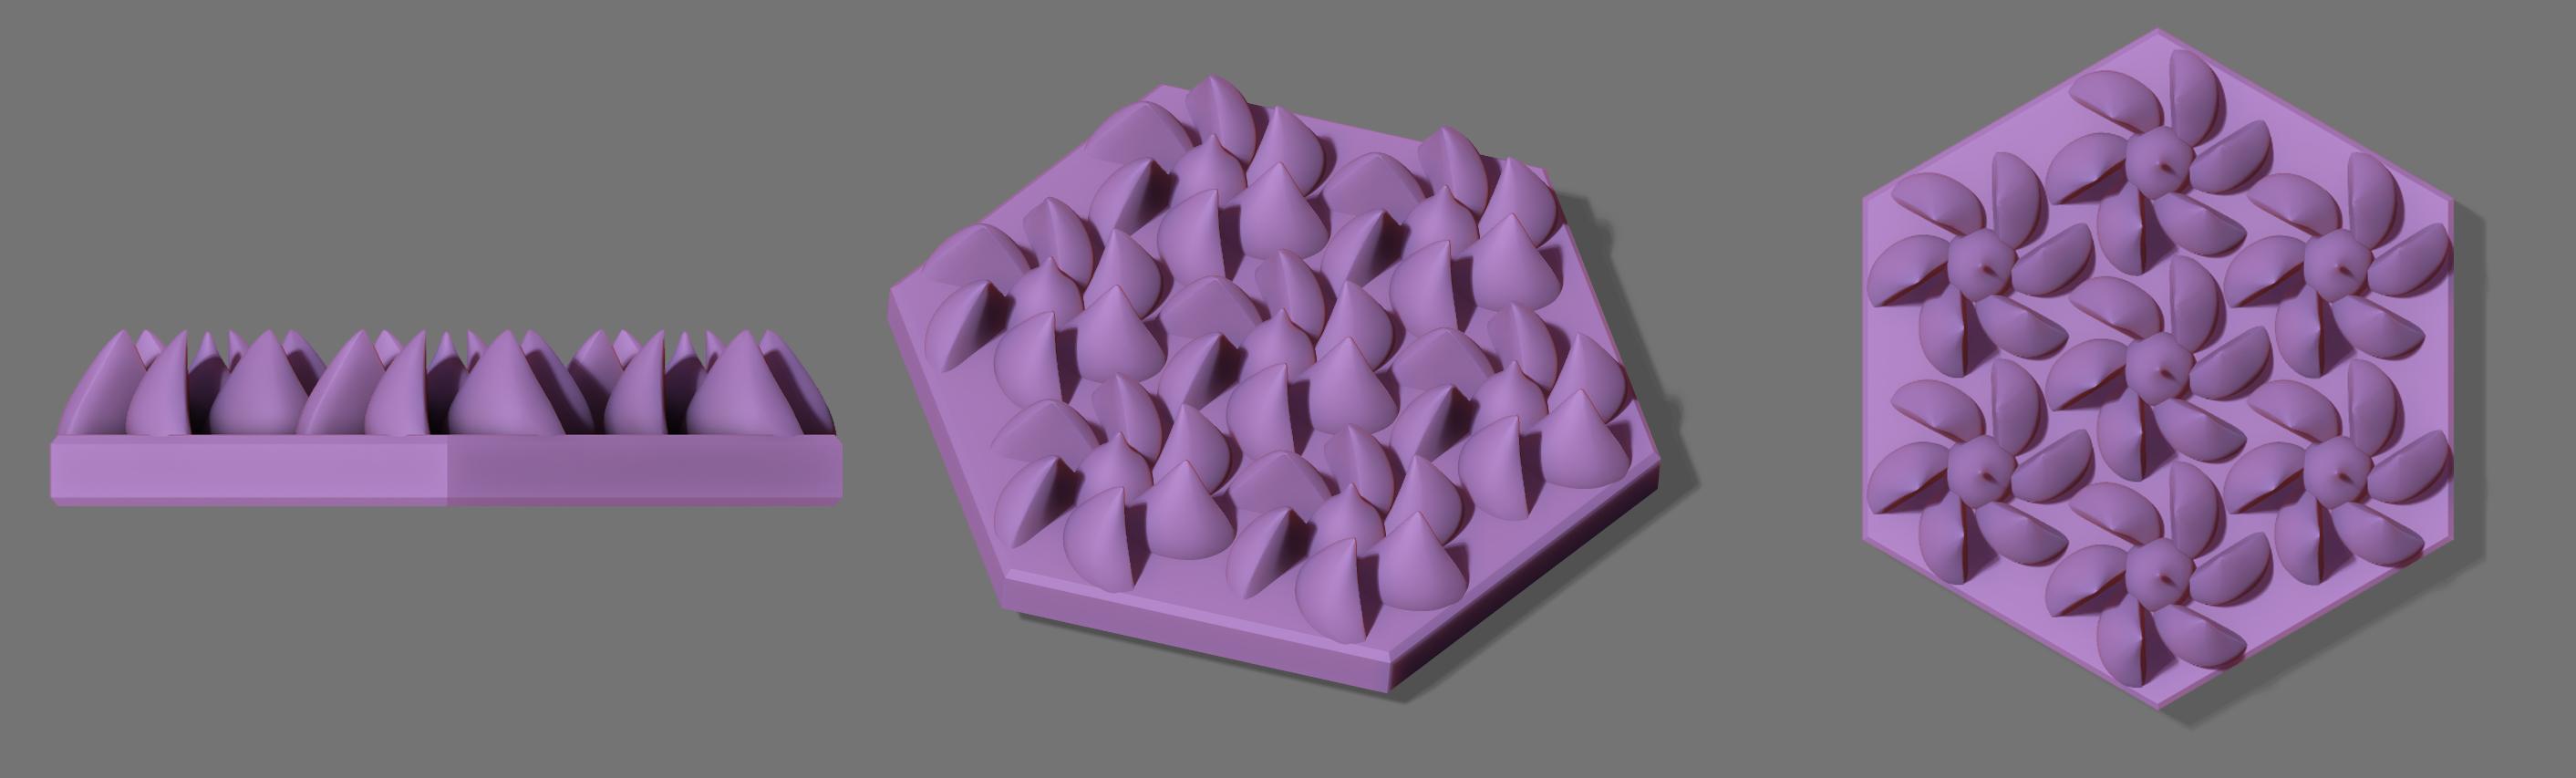 Сделать 3D модель массажного элемента формат STP/UG фото f_2385d289ac1850fa.jpg